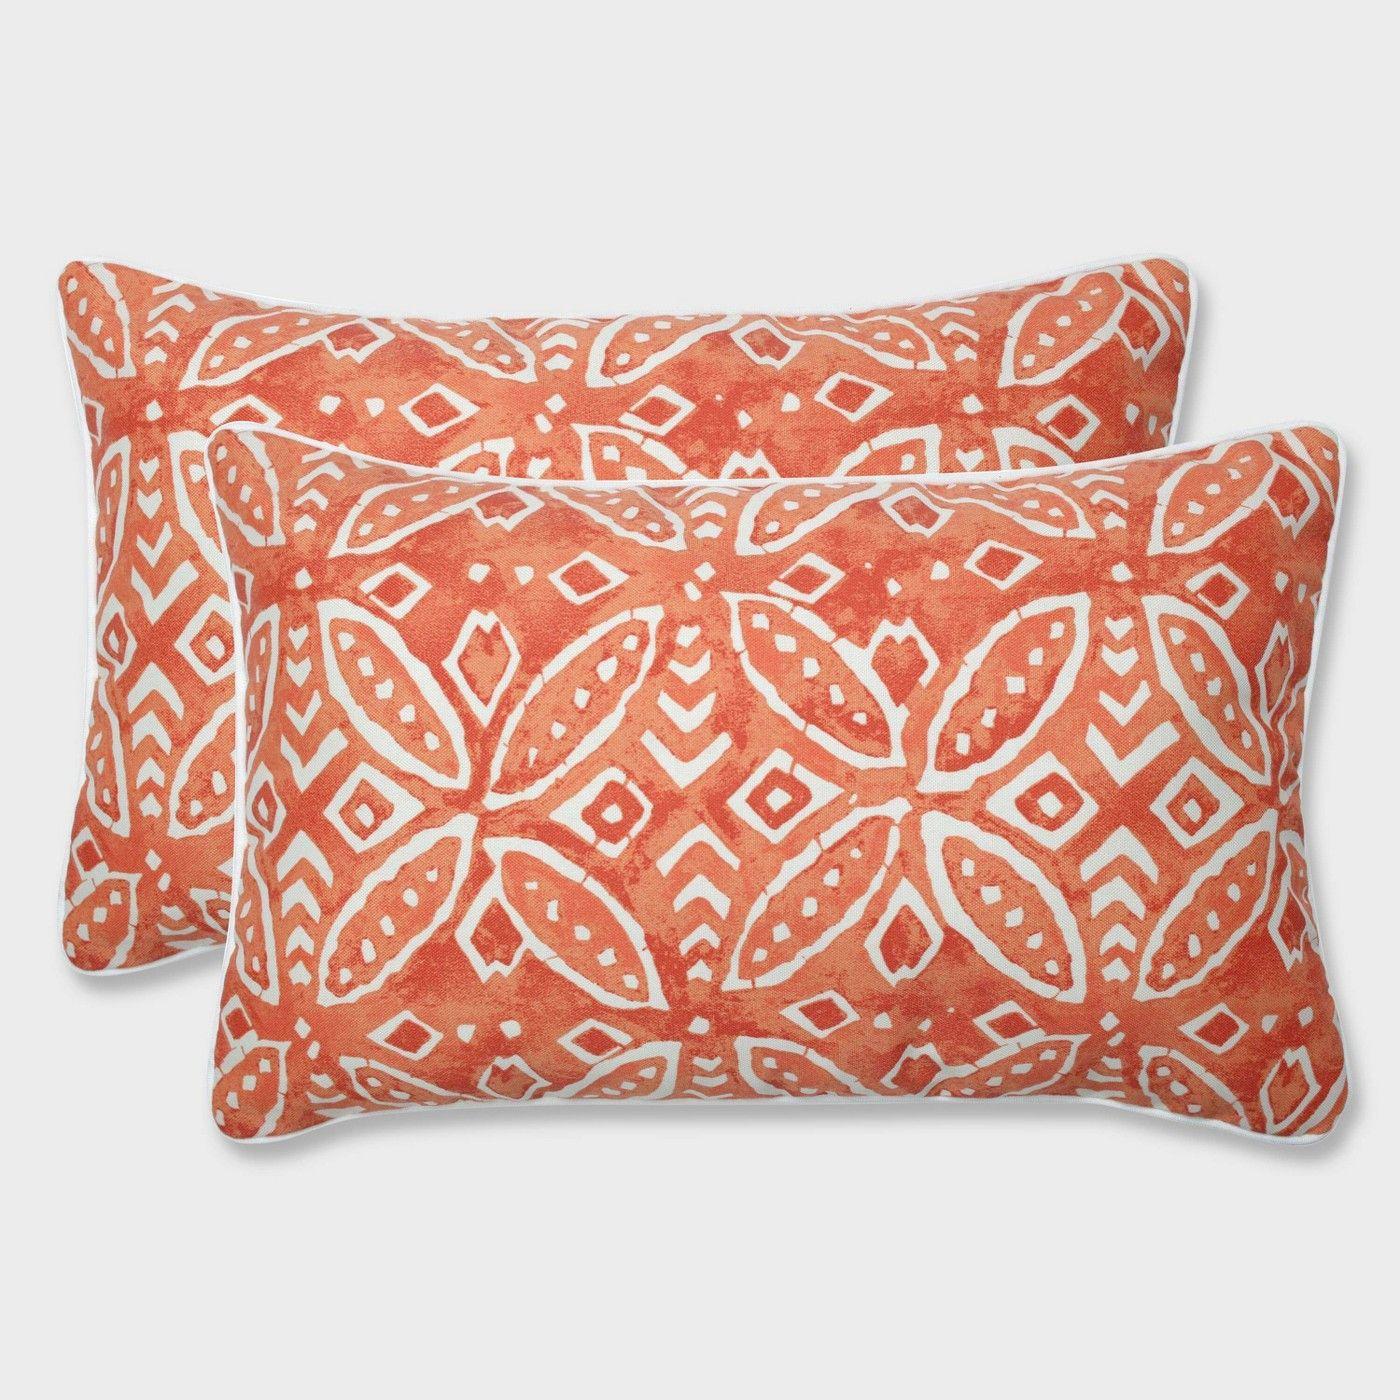 2pk Merida Pimento Rectangular Throw Pillows Orange Pillow